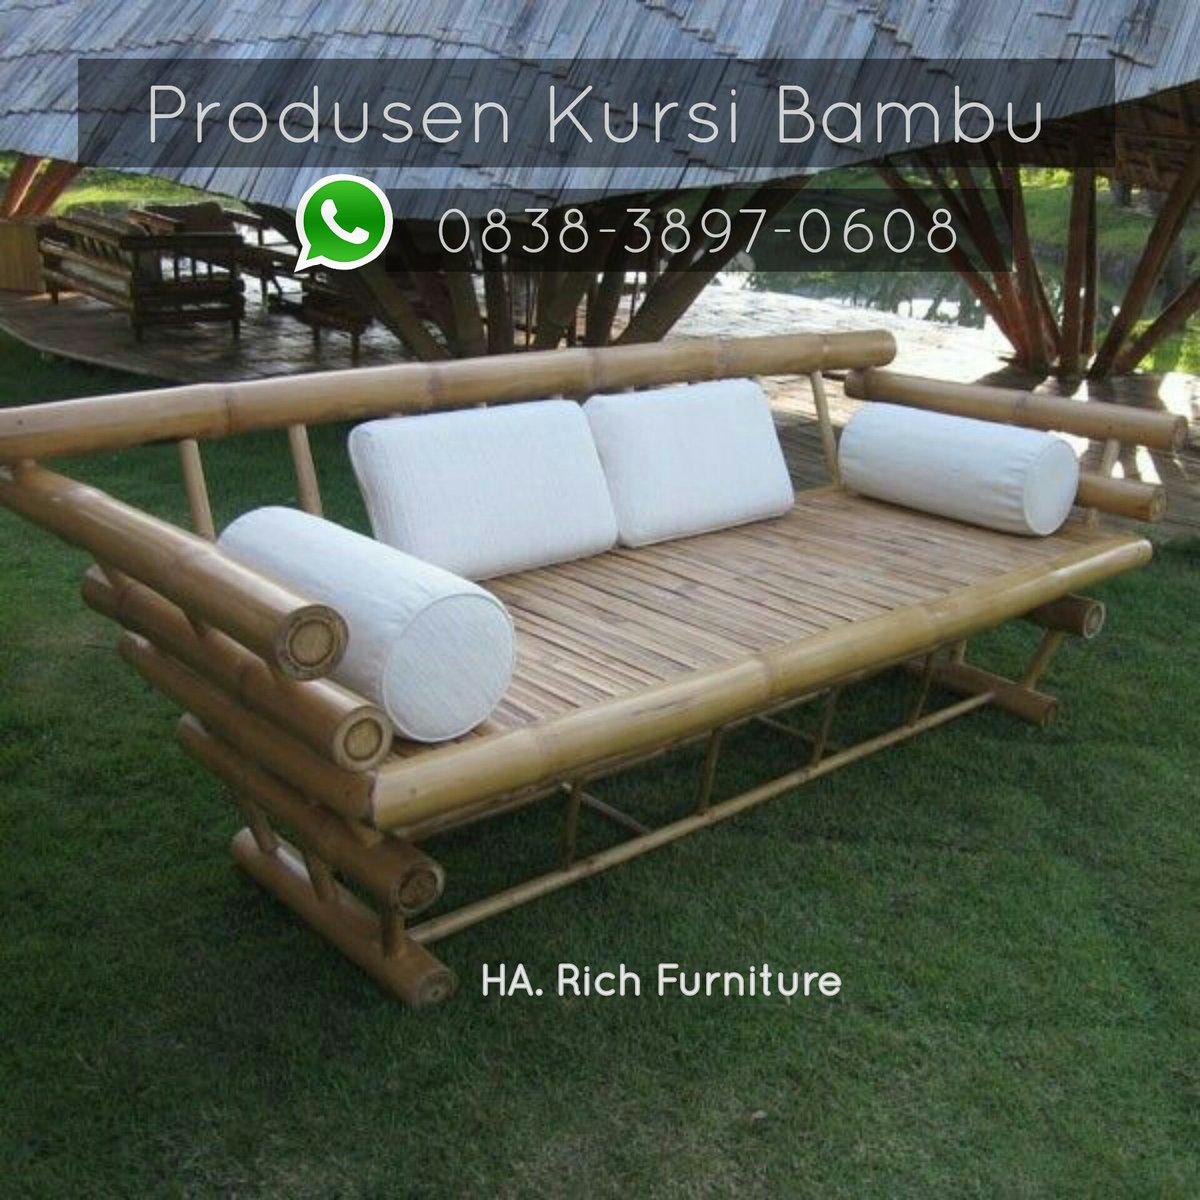 67 Gambar Kursi Minimalis Dari Bambu Gratis Terbaru